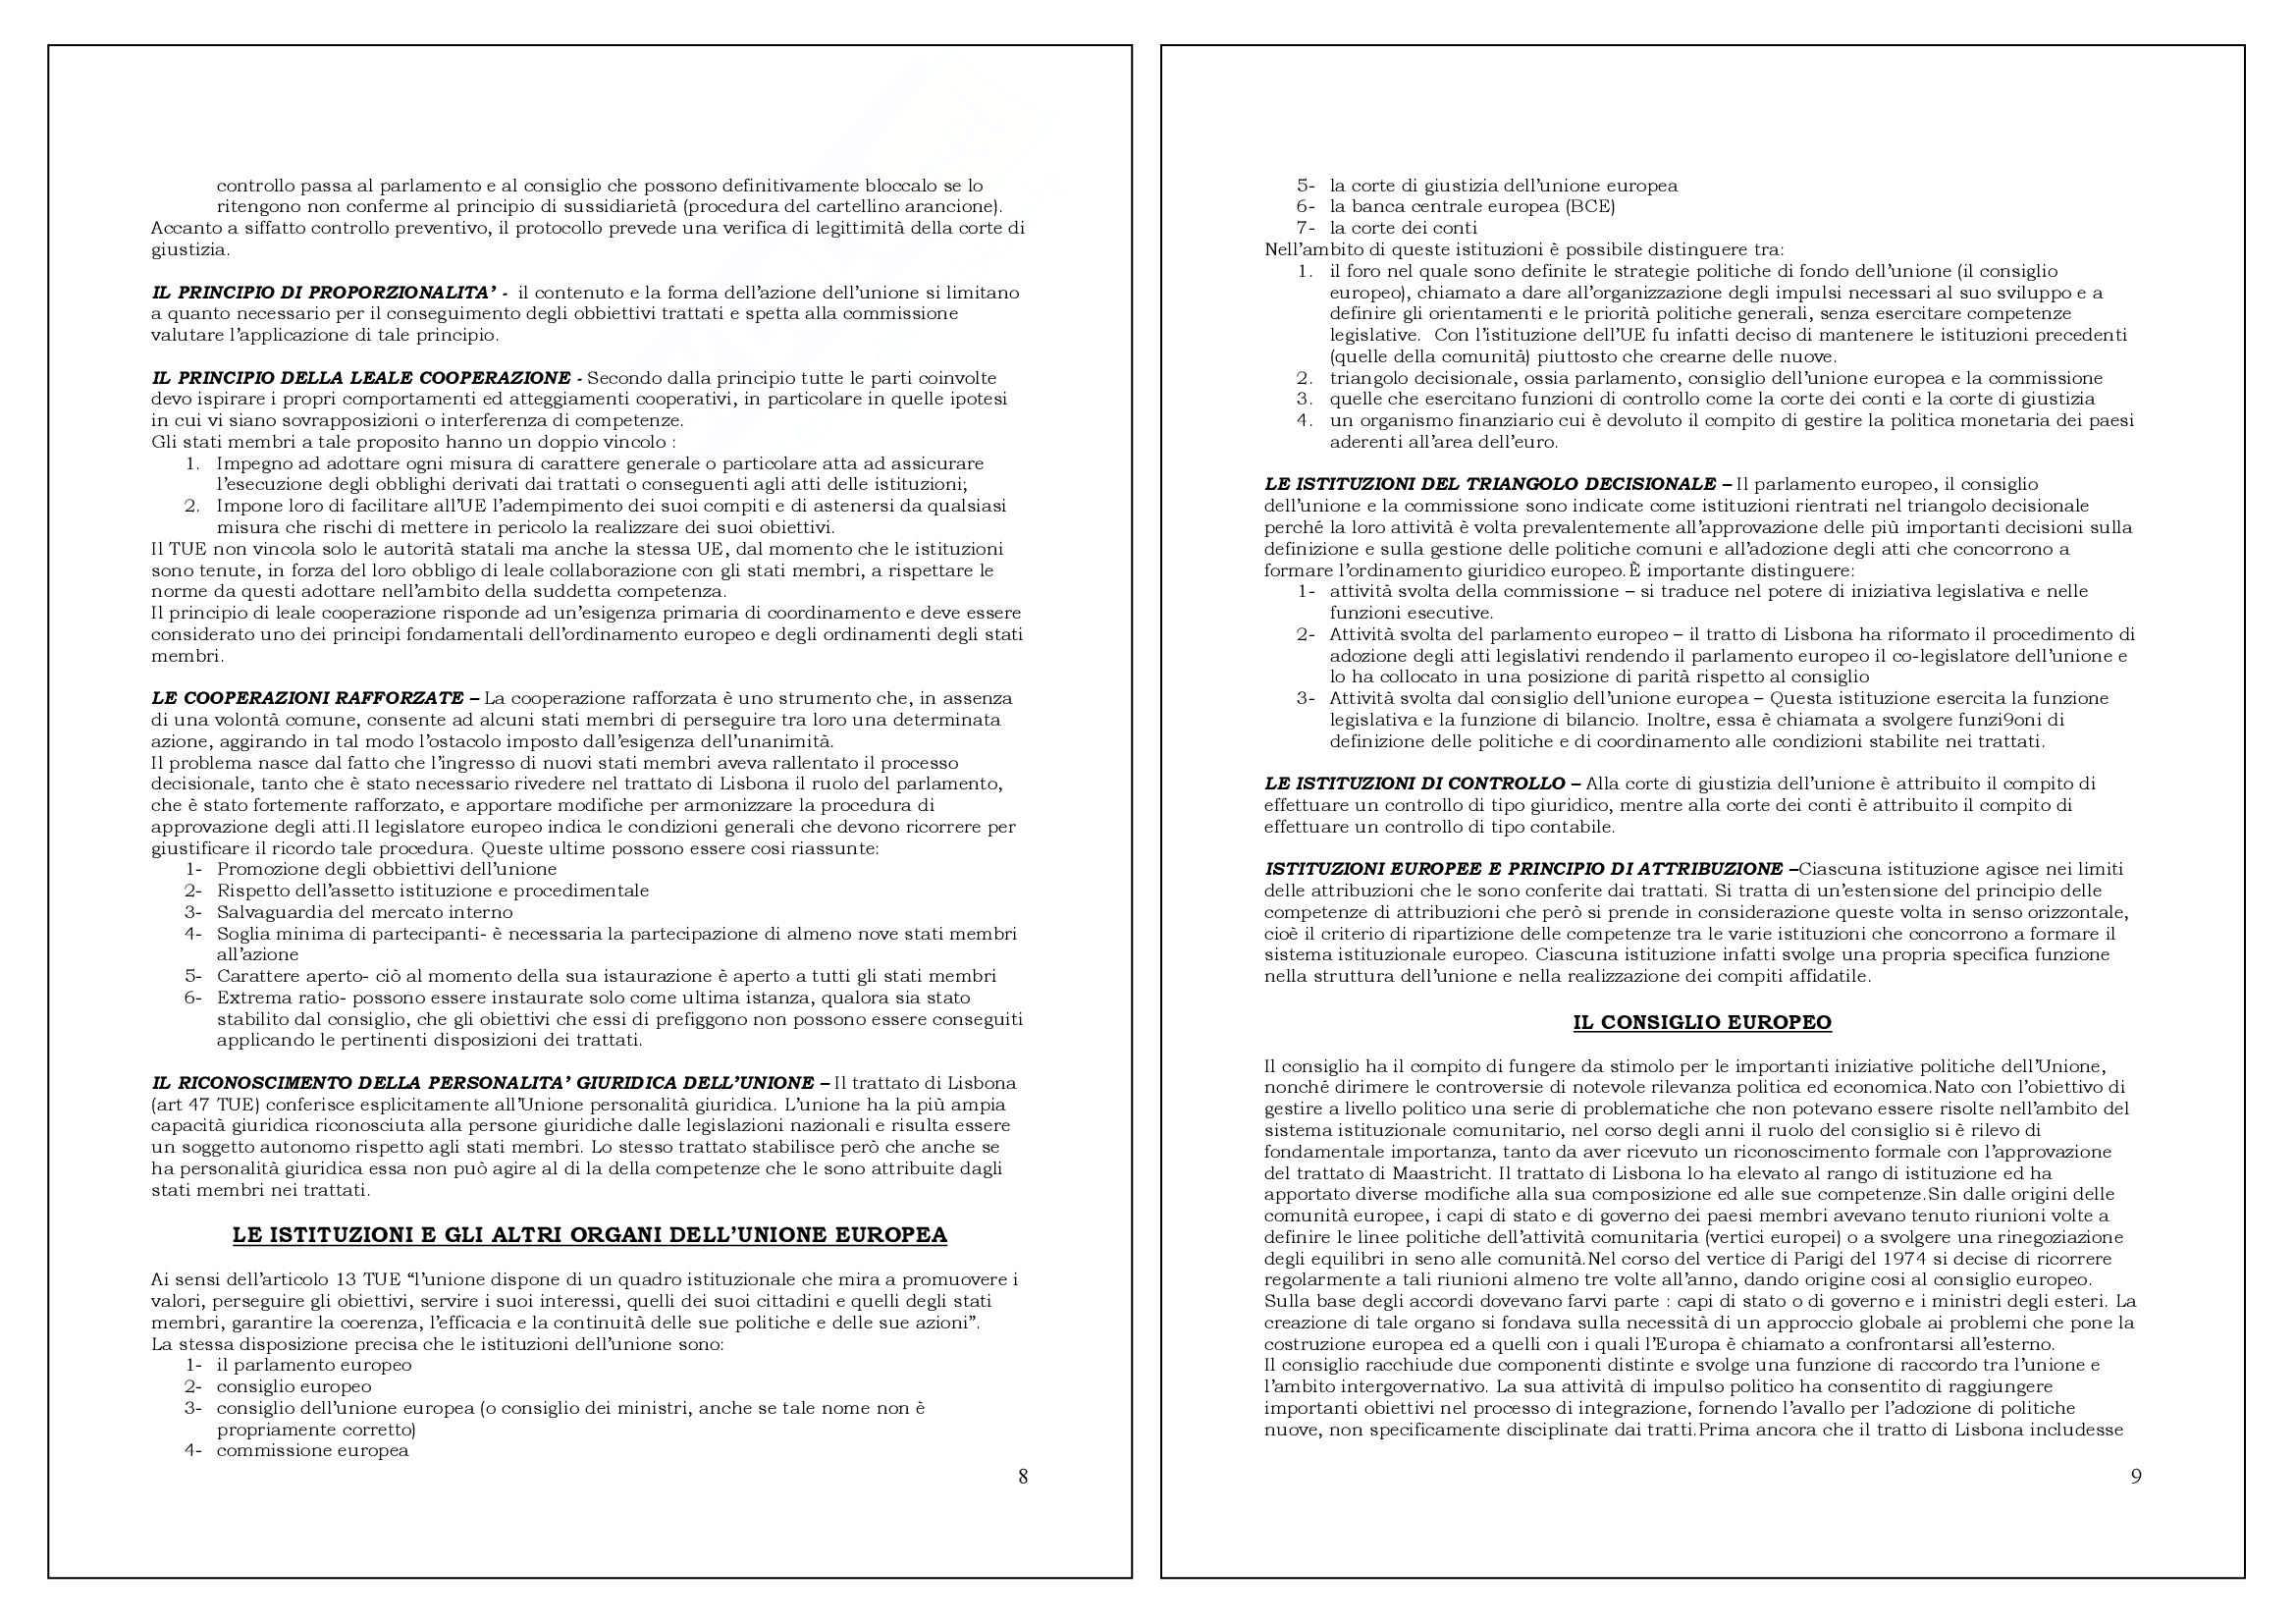 Riassunto esame Diritto dell'Unione Europea., prof. Bergamini, libro consigliato Diritto dell'Unione Europea di Tesauro